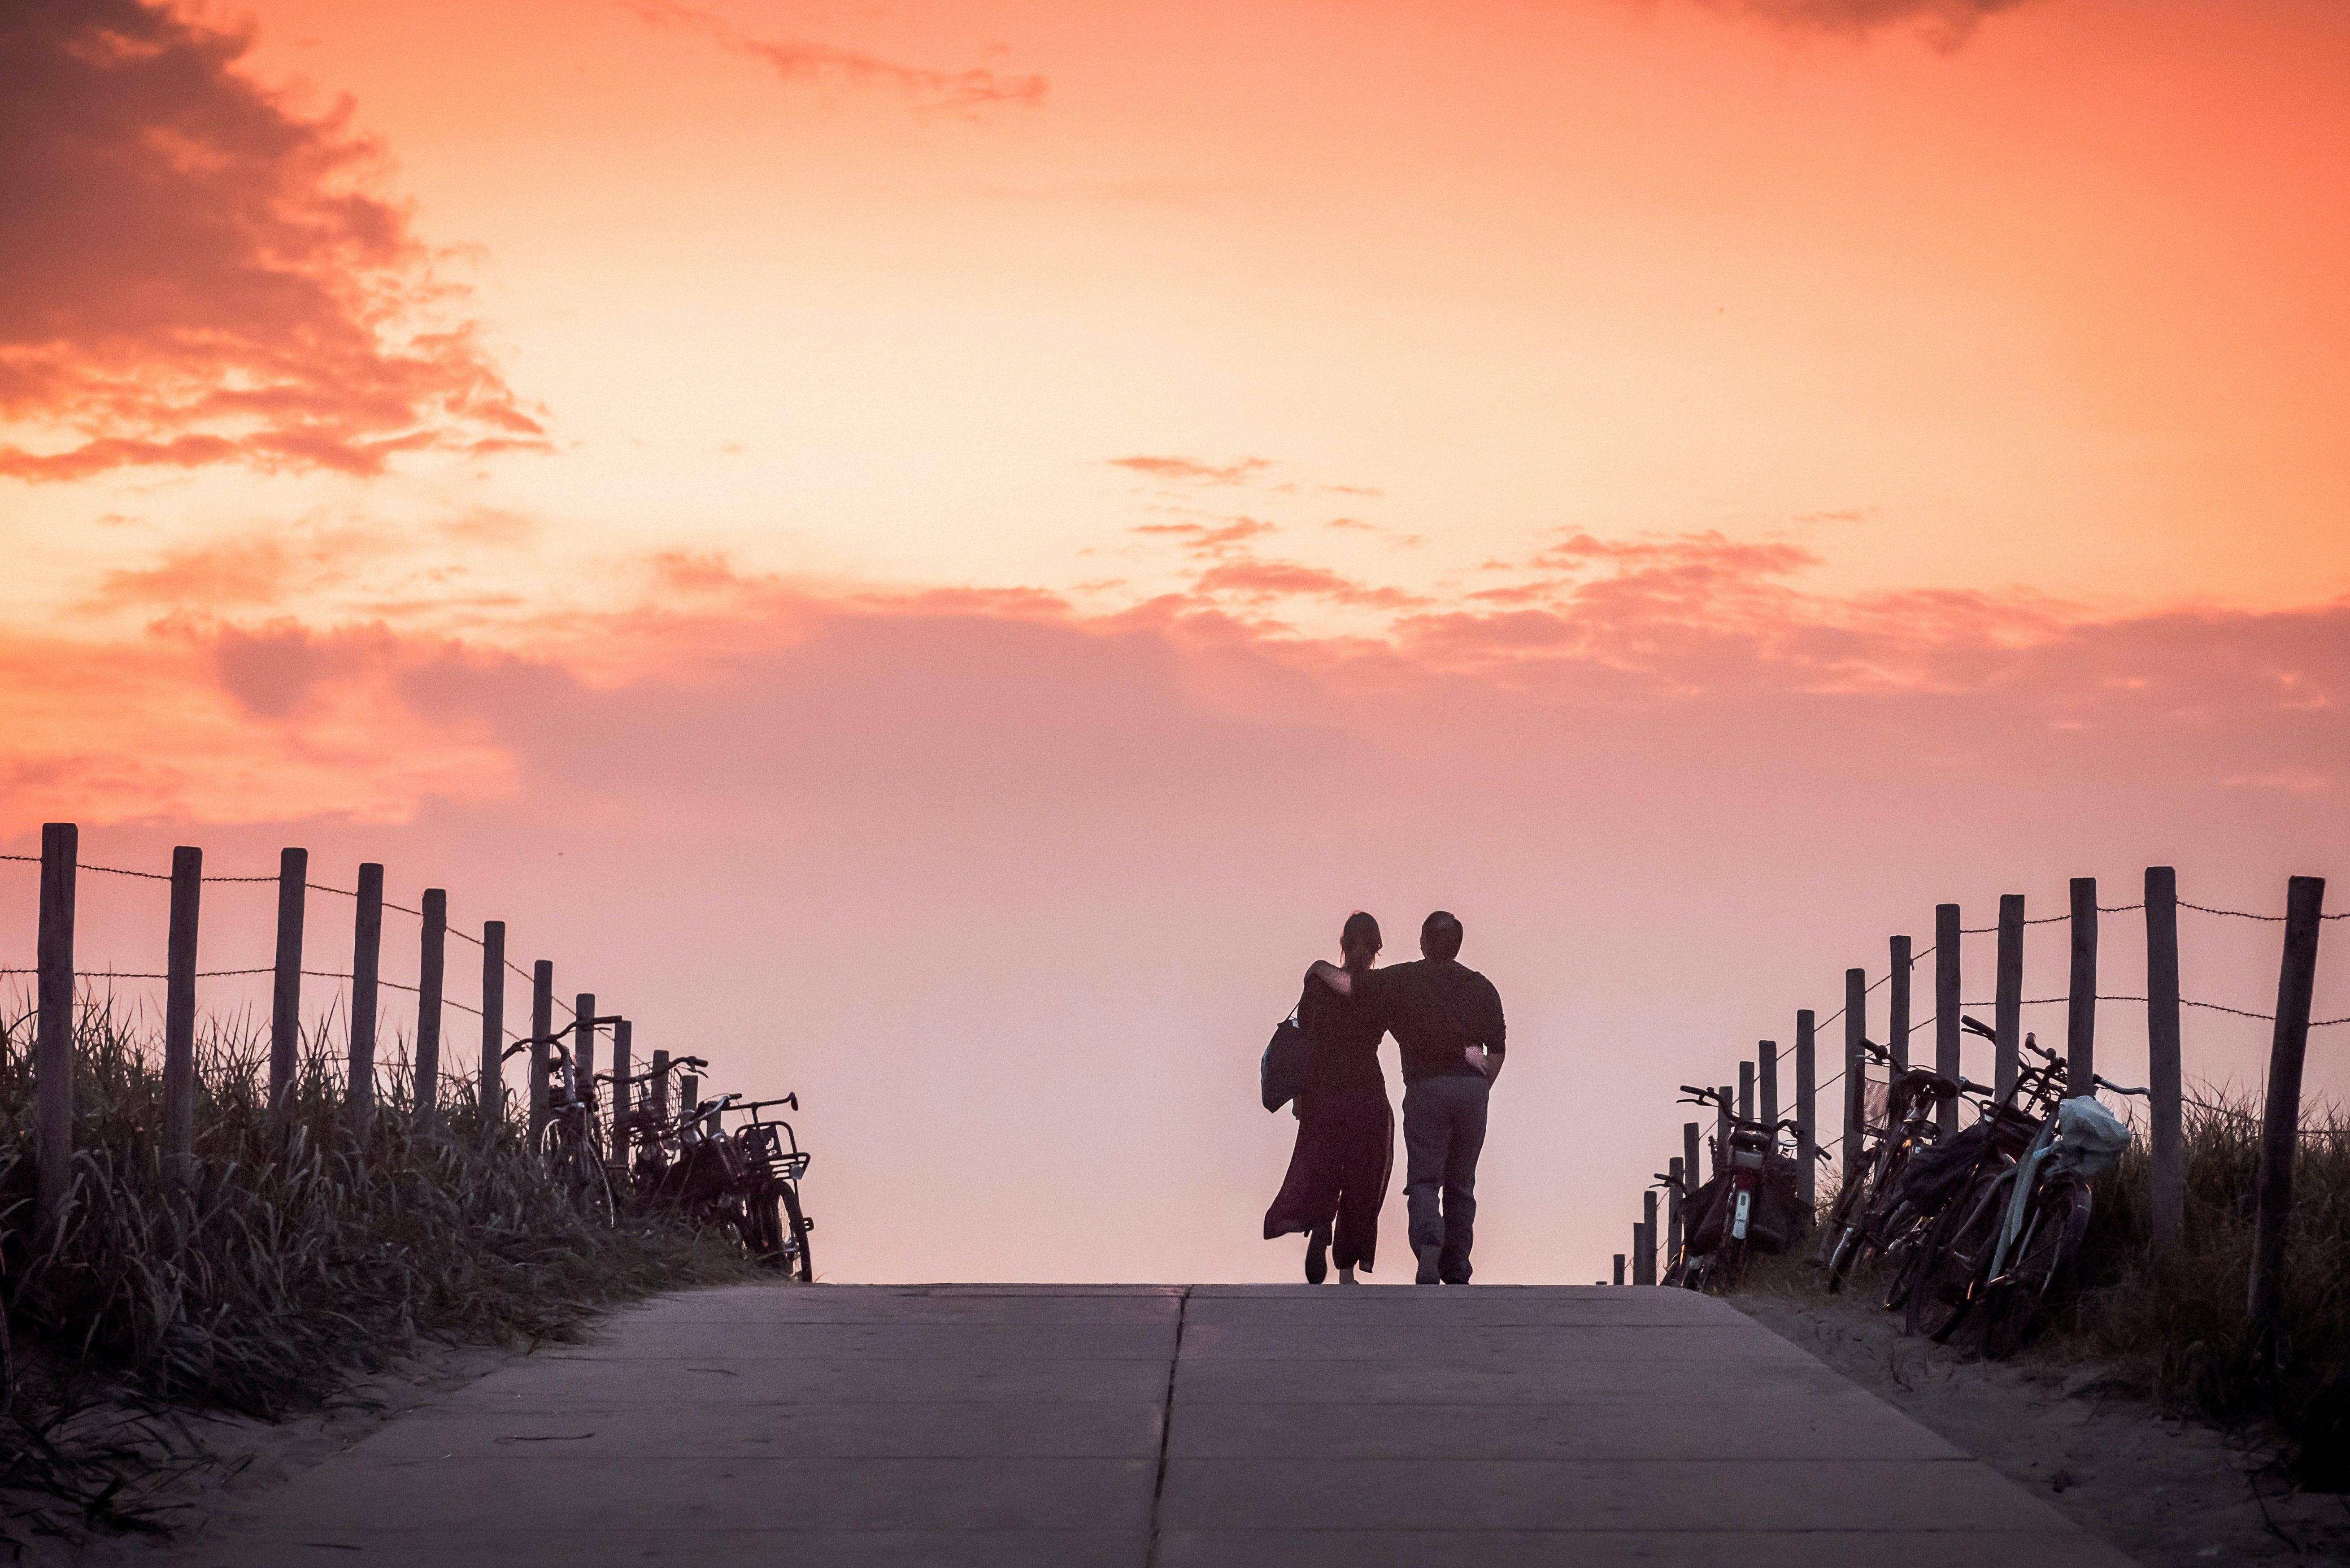 Hollandsk par i solnedgangen ved Scheveningen, Holland. (Arkivfoto: Stephane Delval)